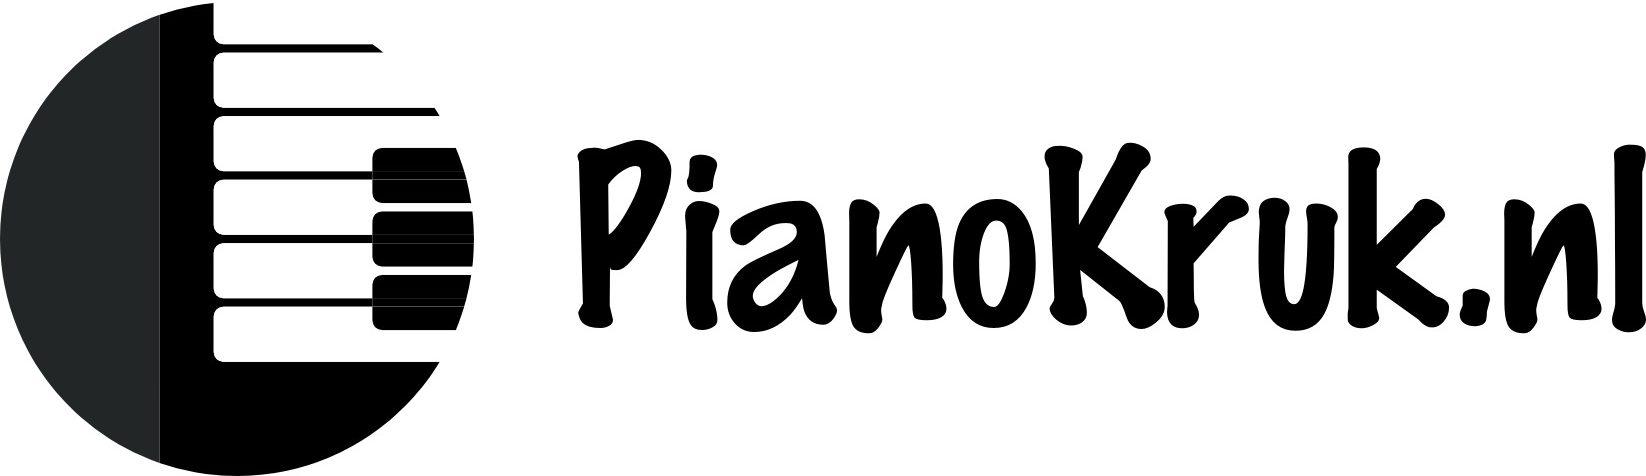 PianoKruk.nl